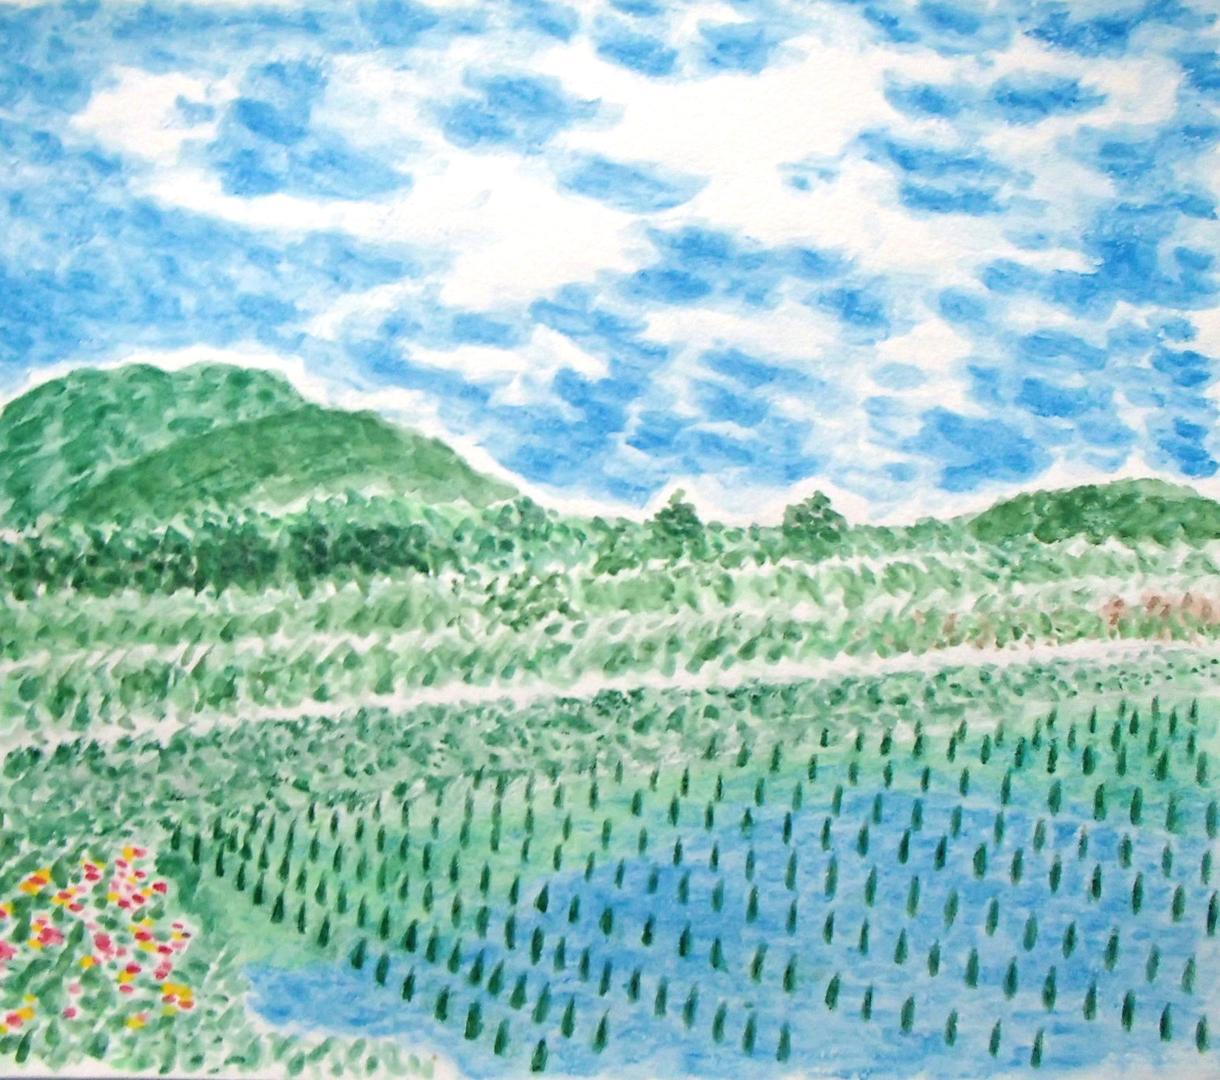 日本ならではの美しい風景を描きます パソコンなどの壁紙、個人観賞用にオススメしております。